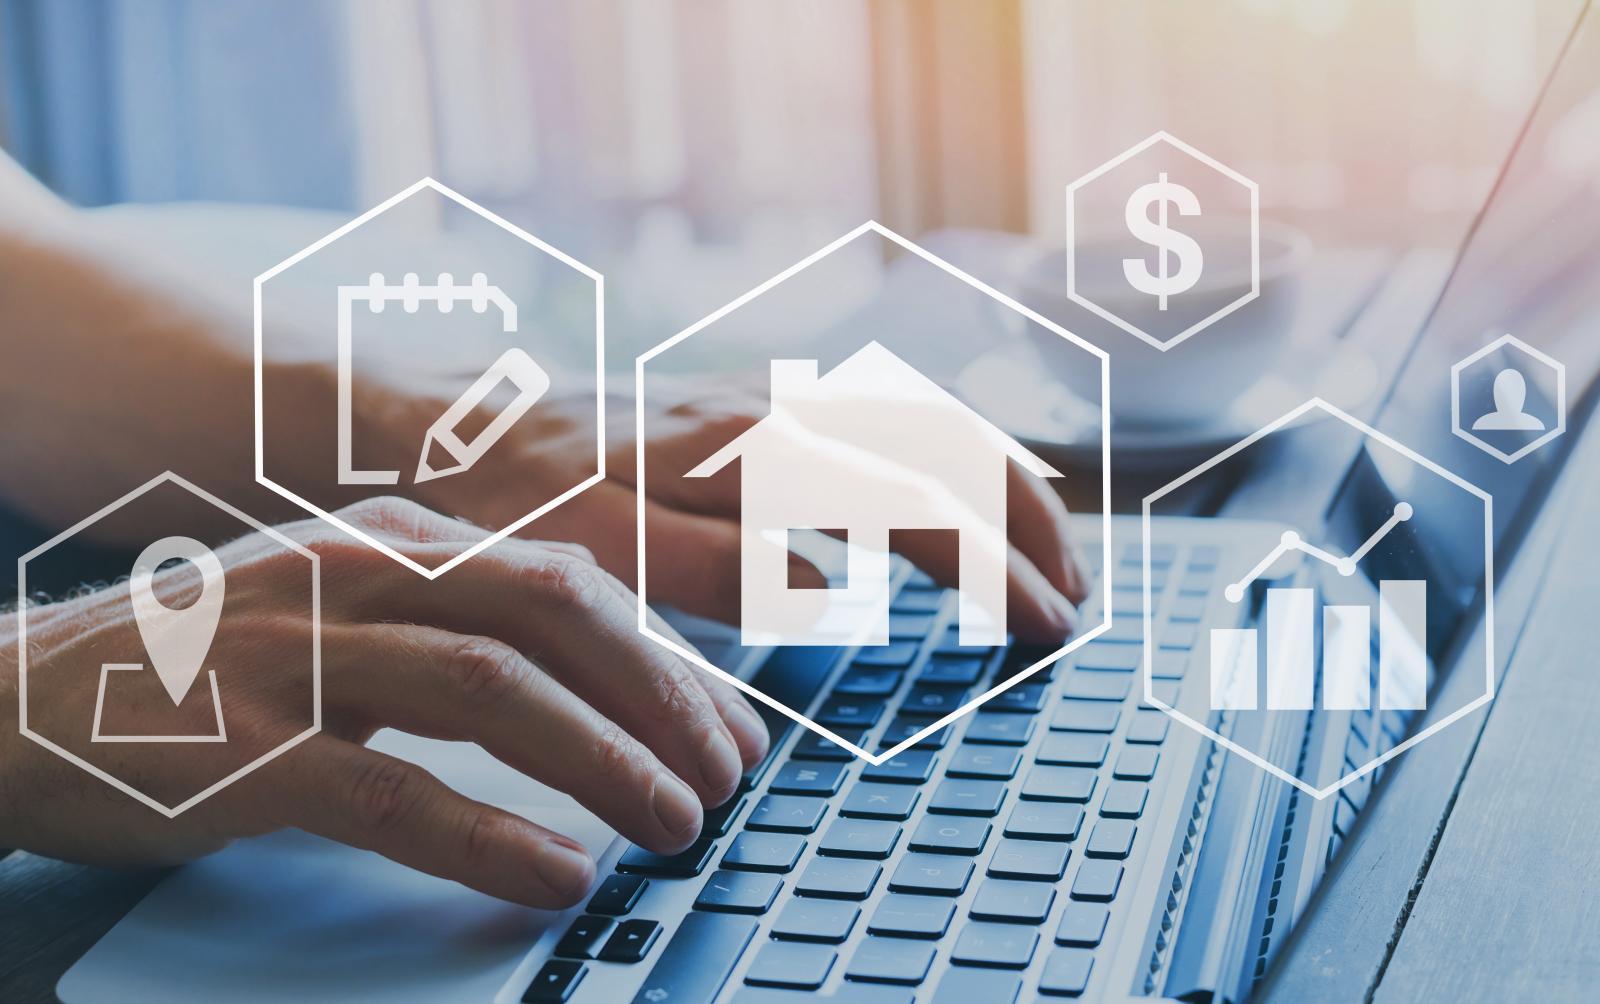 20200714141707 6995 - Bài học về kinh doanh bất động sản mà bạn không thể bỏ qua